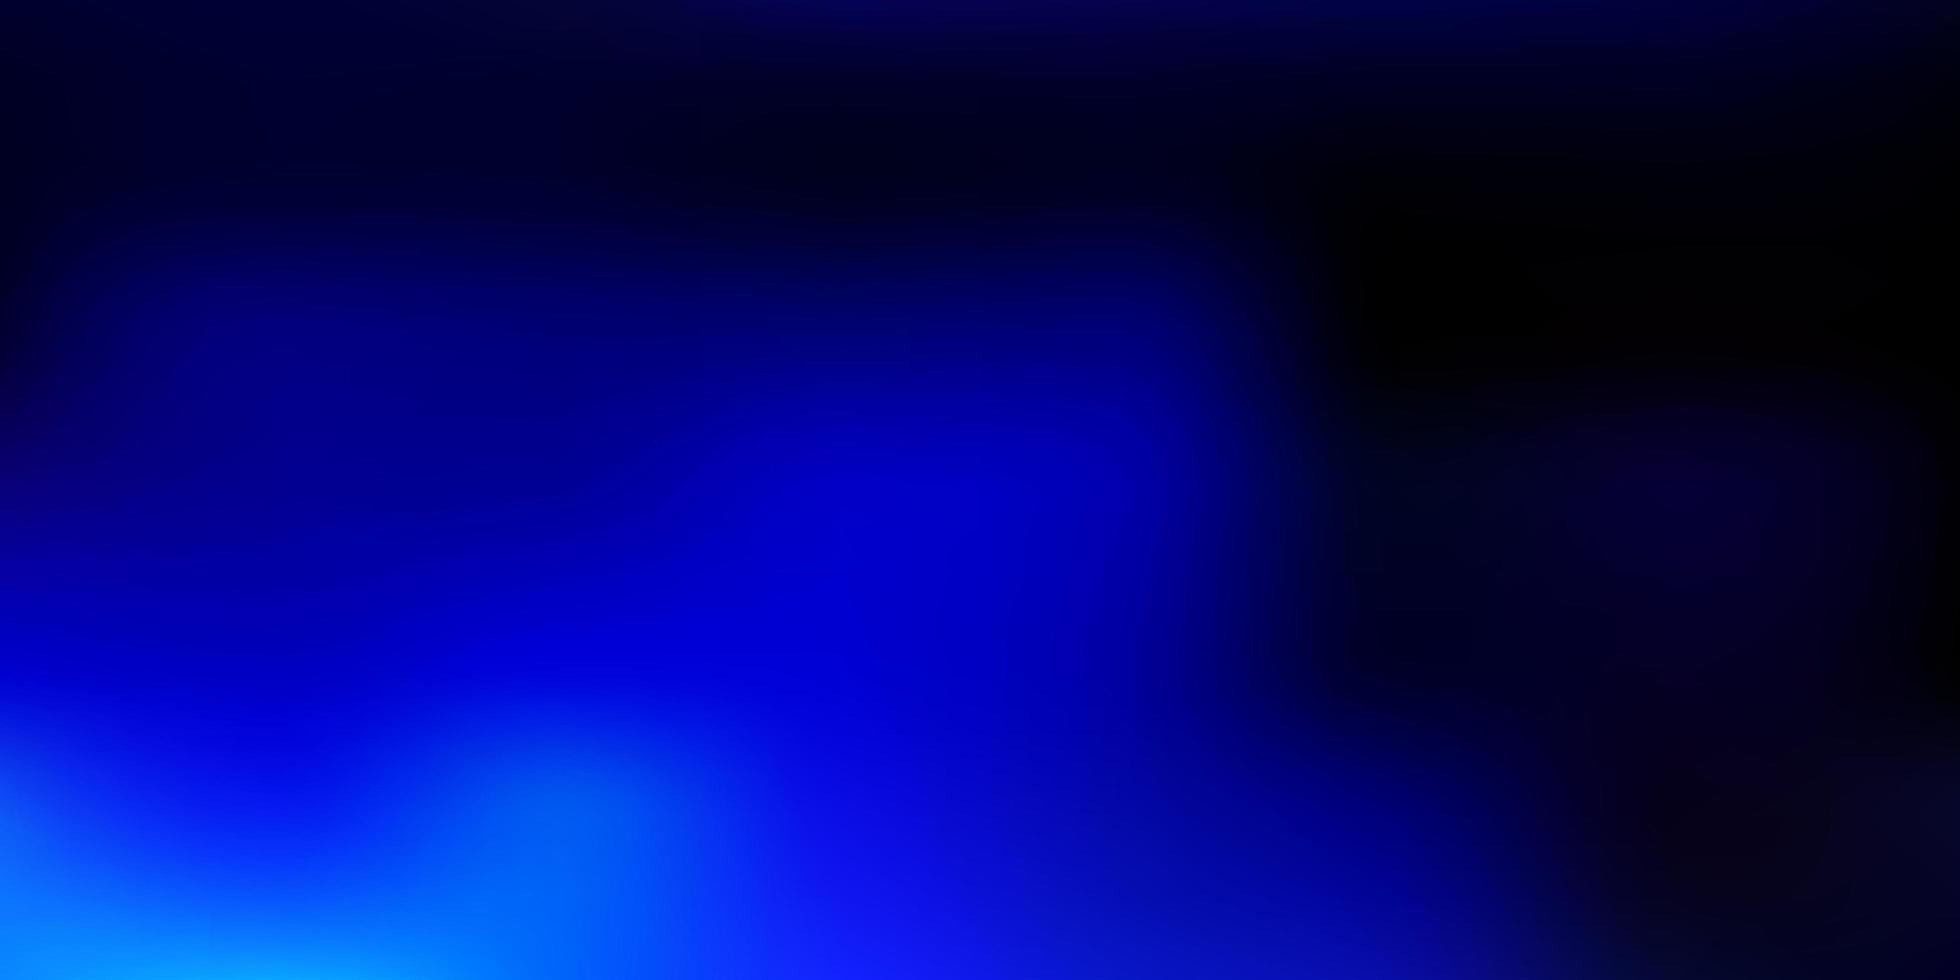 sfondo sfocato sfumato blu scuro. vettore